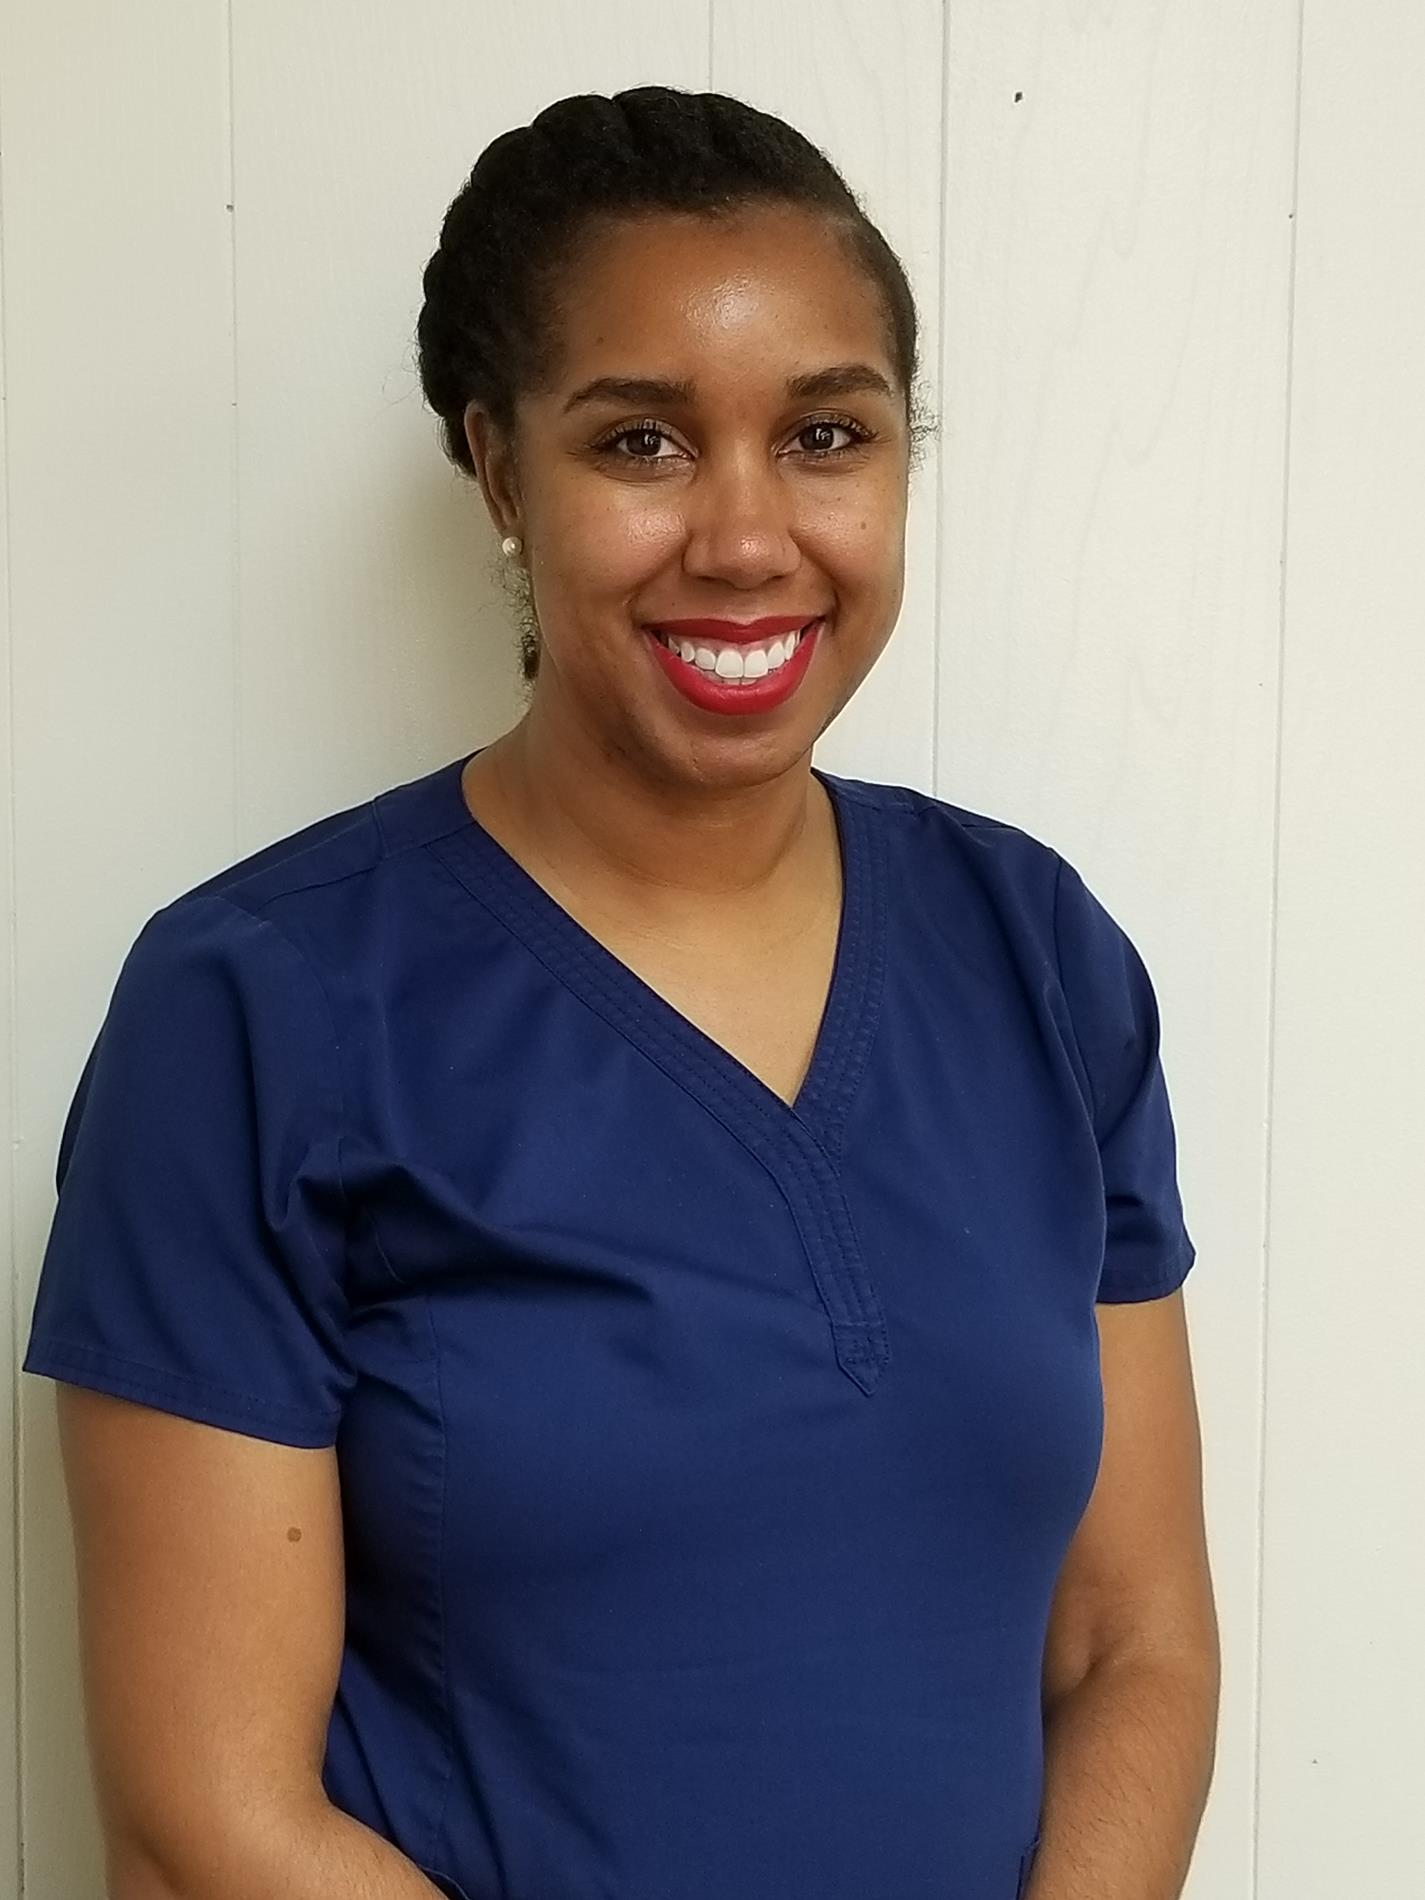 Lethea Jackson-Nursing